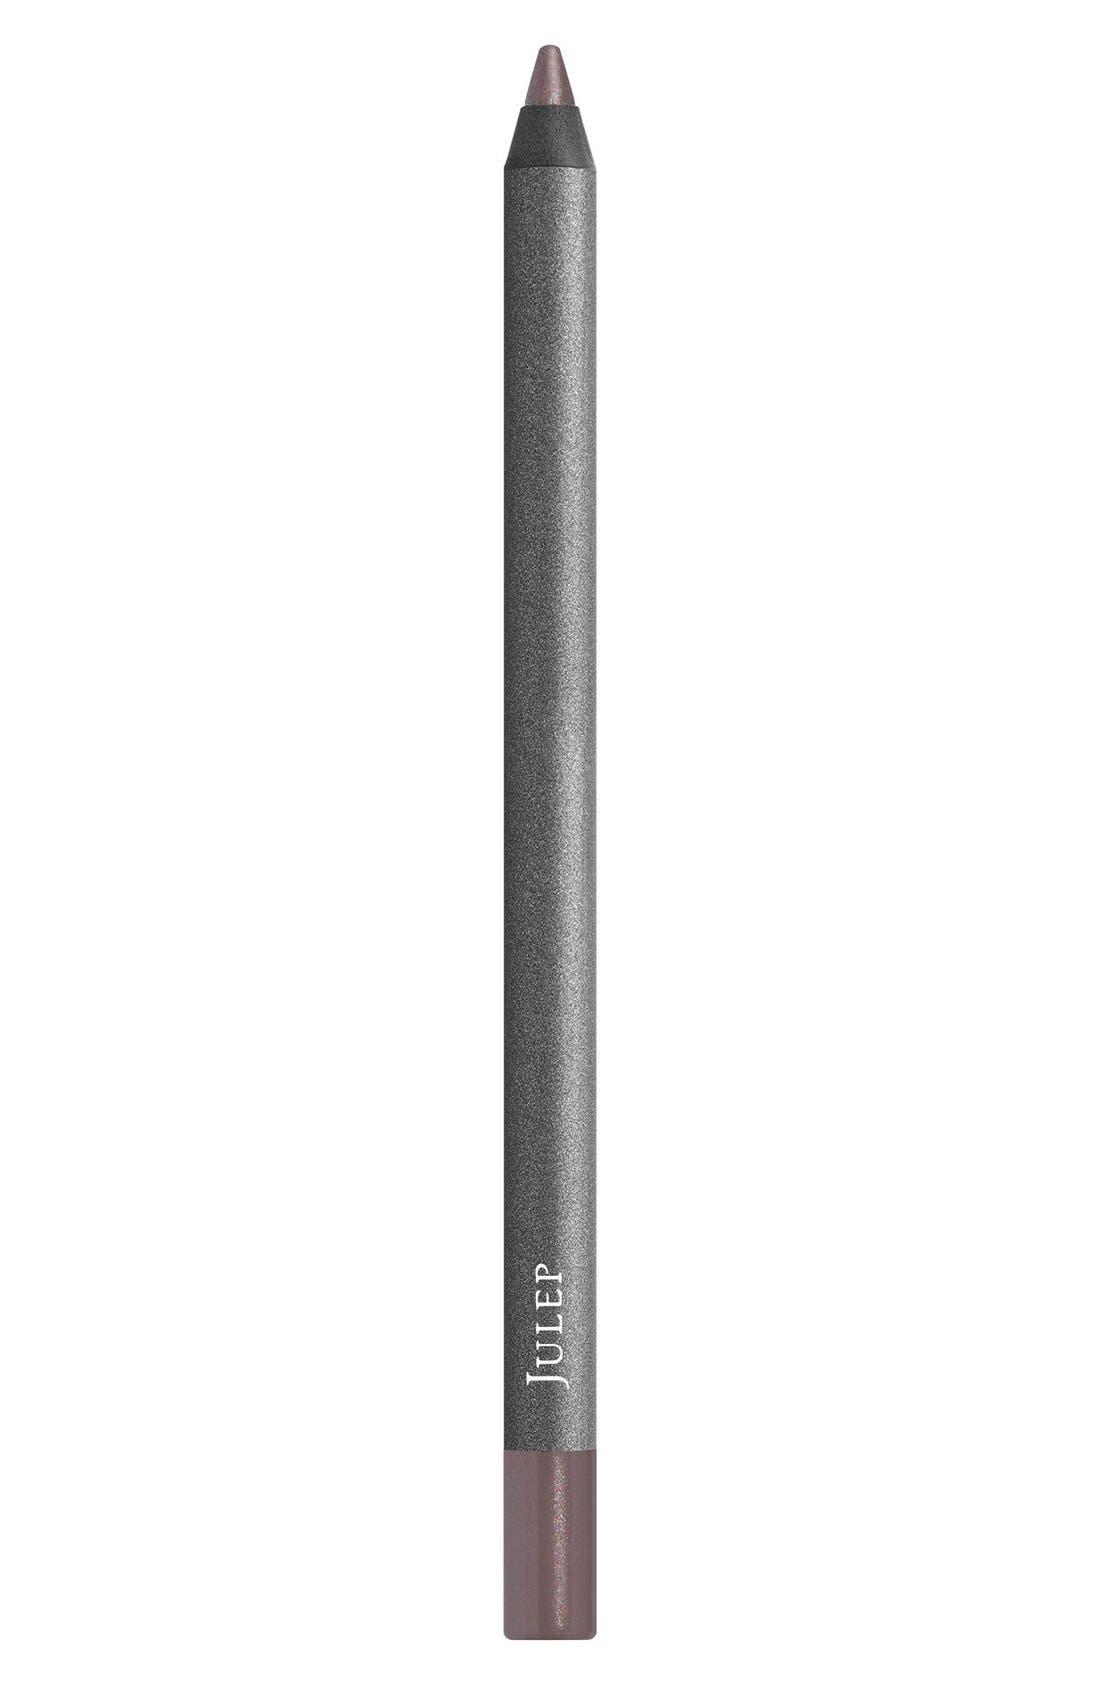 Julep(TM) When Pencil Met Gel Long-Lasting Eyeliner - Smoky Taupe Shimmer